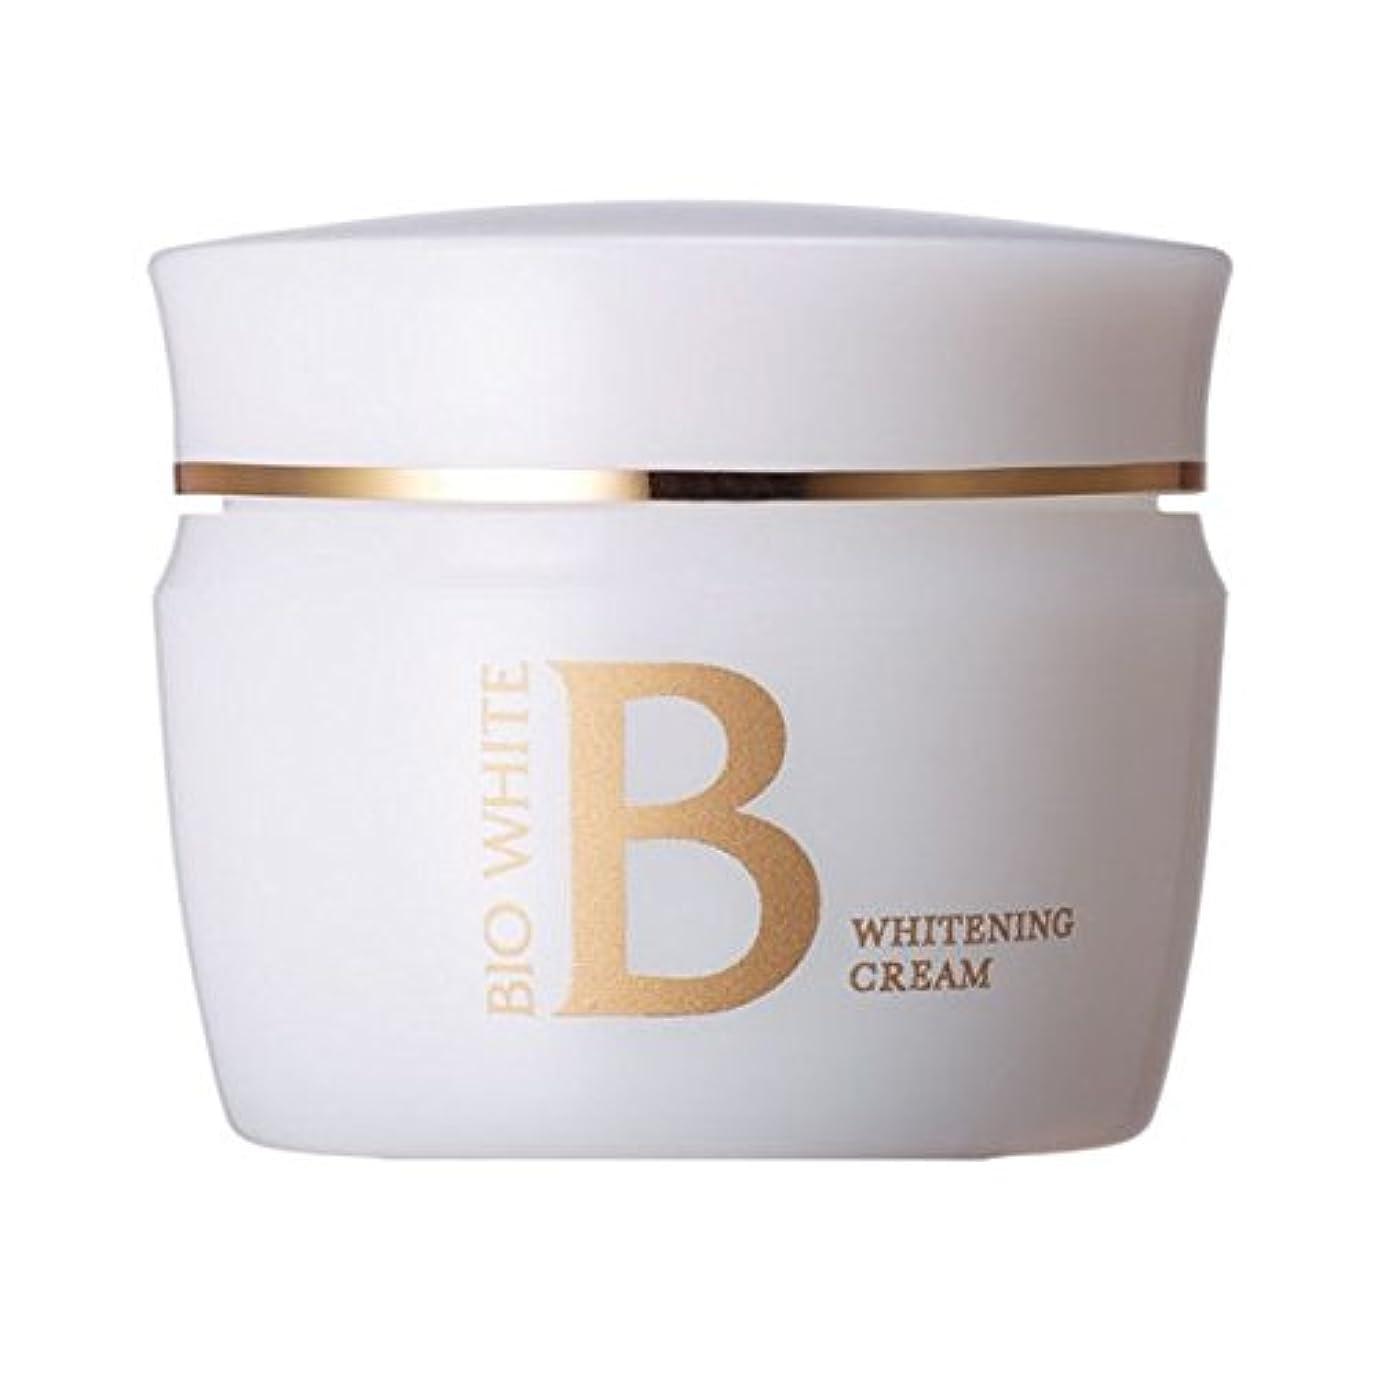 分配しますブラウズ喜ぶエビス化粧品(EBiS) ビーホワイトクリーム40g トラネキサム酸配合 美白クリーム フェイスクリーム